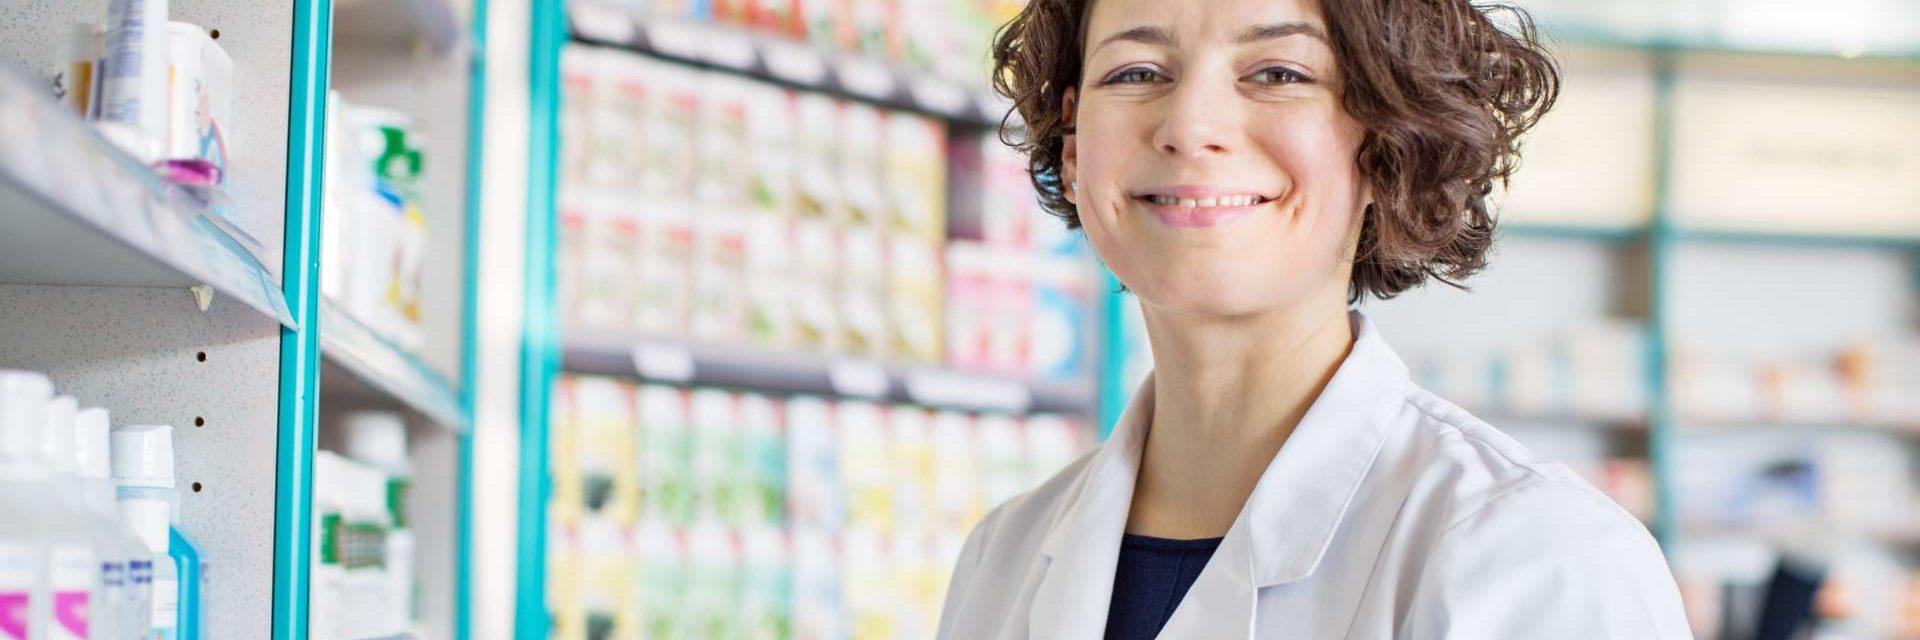 Weibliche Apothekerin mit einer digitalen Tablette in Drogerie, die durch Medizinregale steht